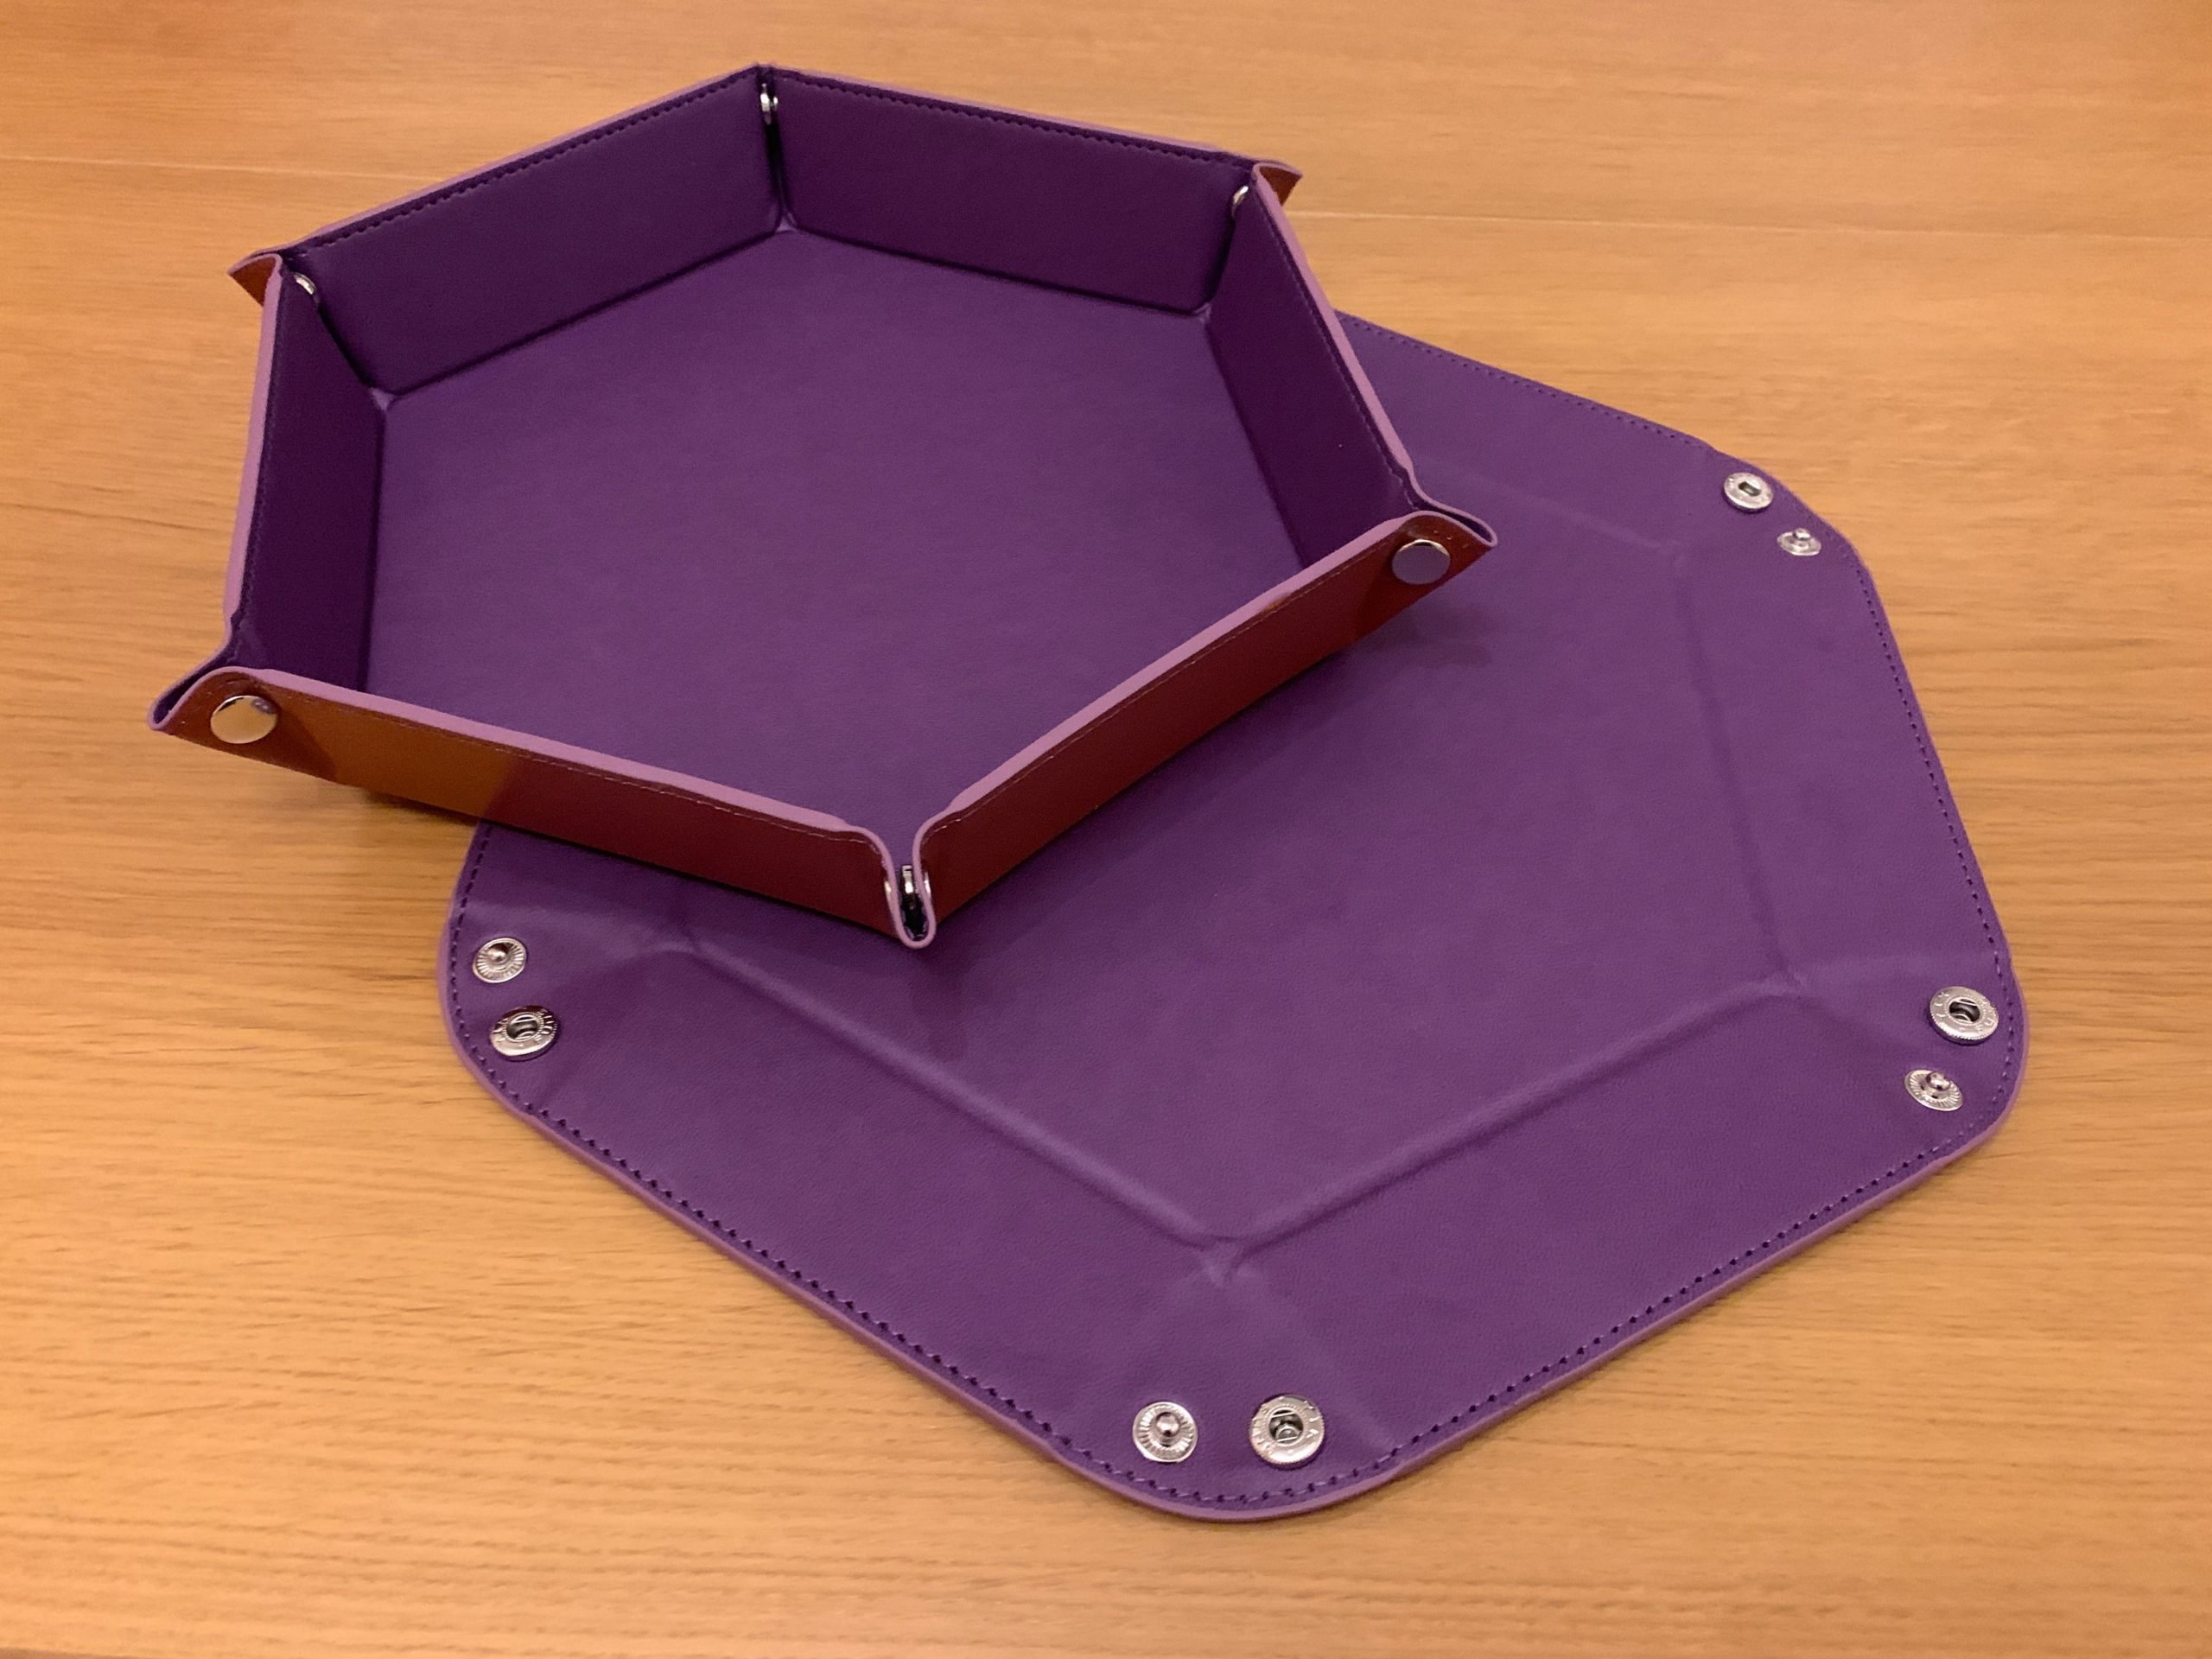 Hexagon Dice Tray